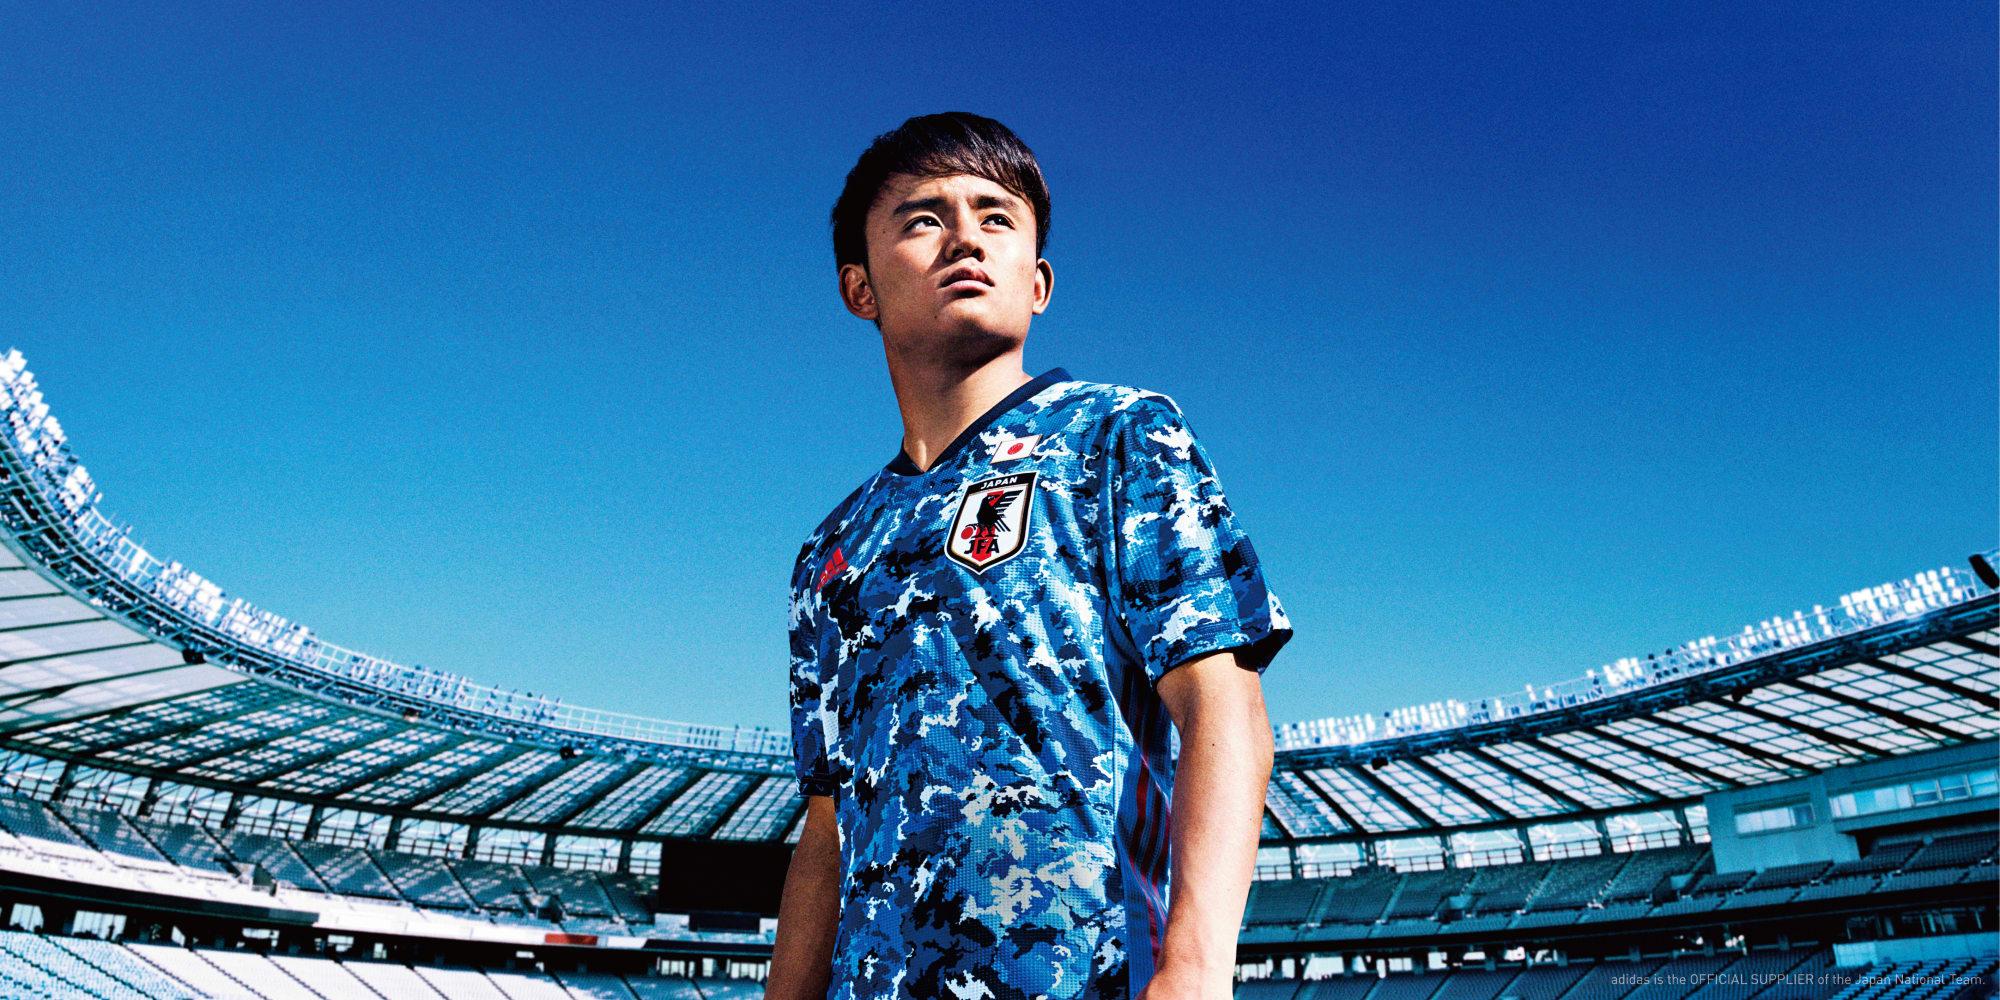 サッカー日本代表の新ユニフォーム発表 メインカラーは濃紺から